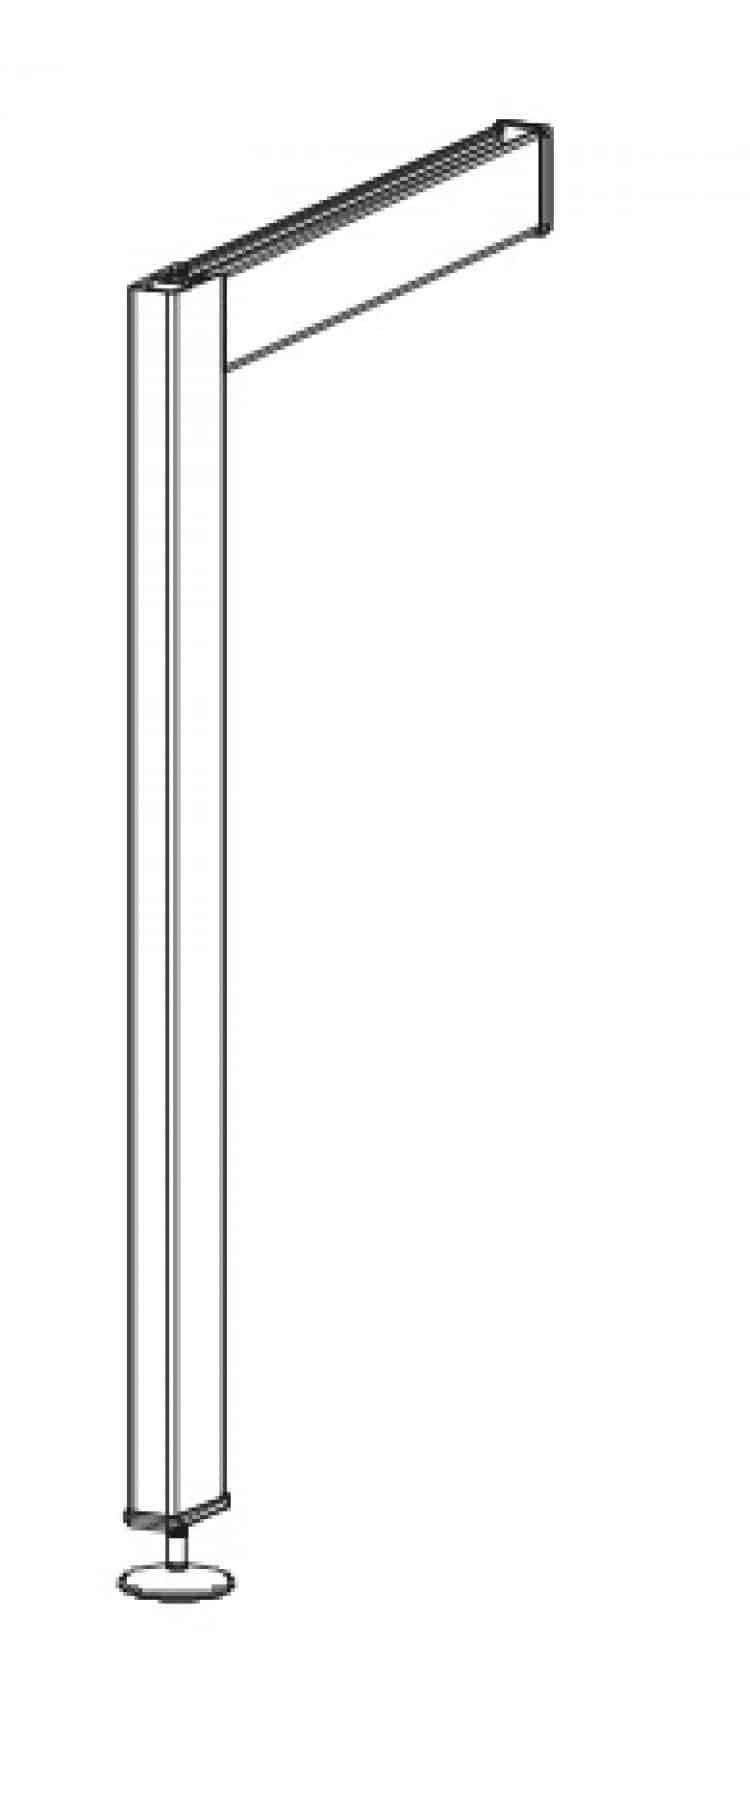 Cabina Armadio Misure Standard.Misure Standard Armadio Perche Optare Per La Di Un Armadio Su